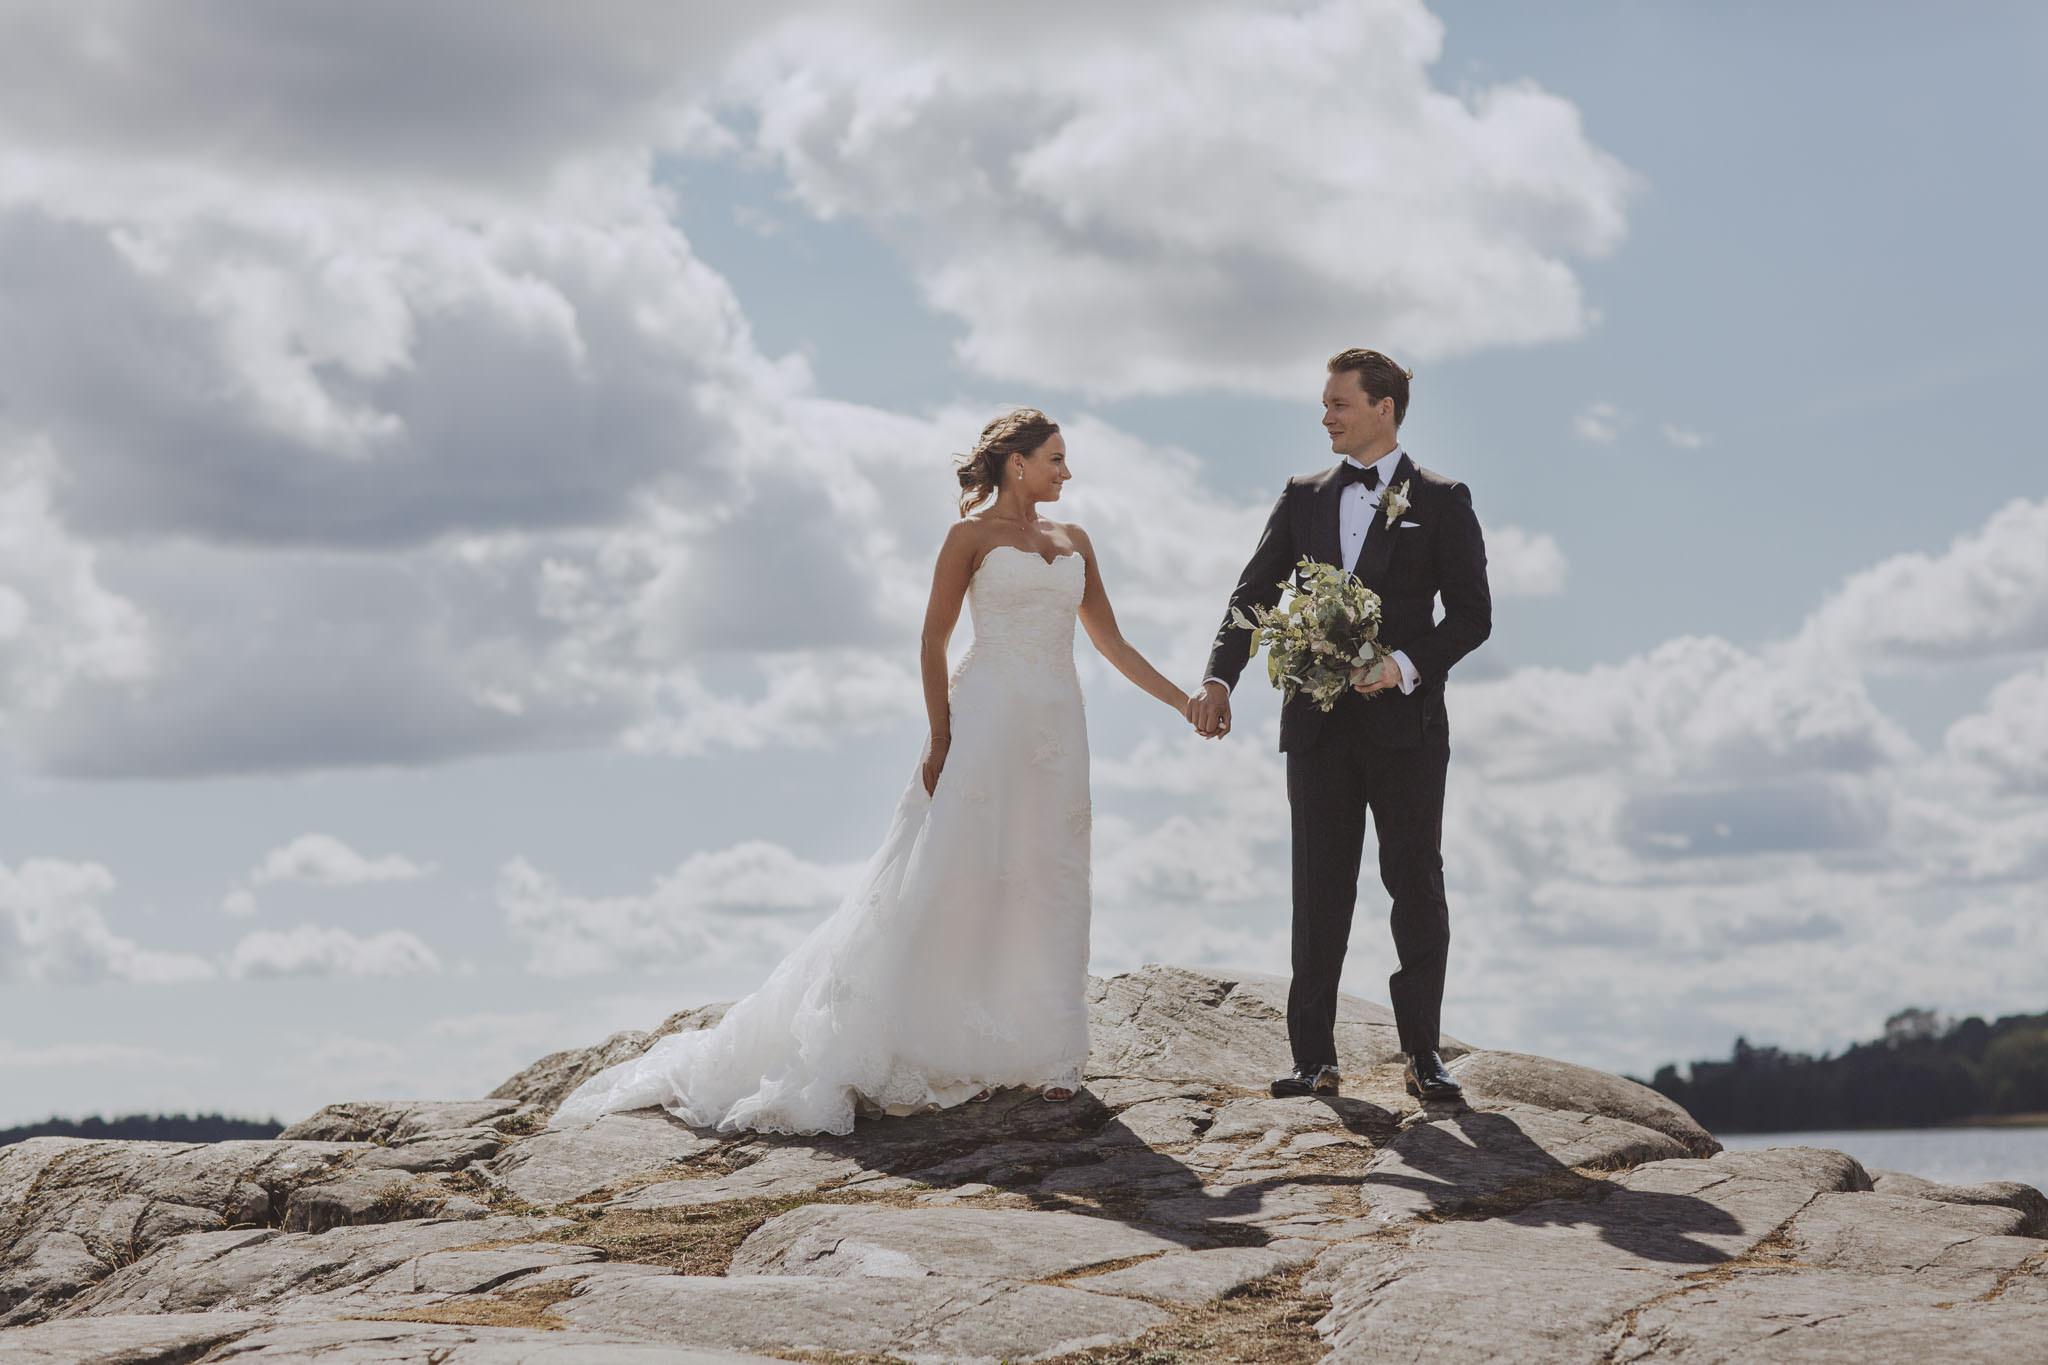 bröllop-dalarö-skans-stockholm-bröllopsfotograf-sandrajensen